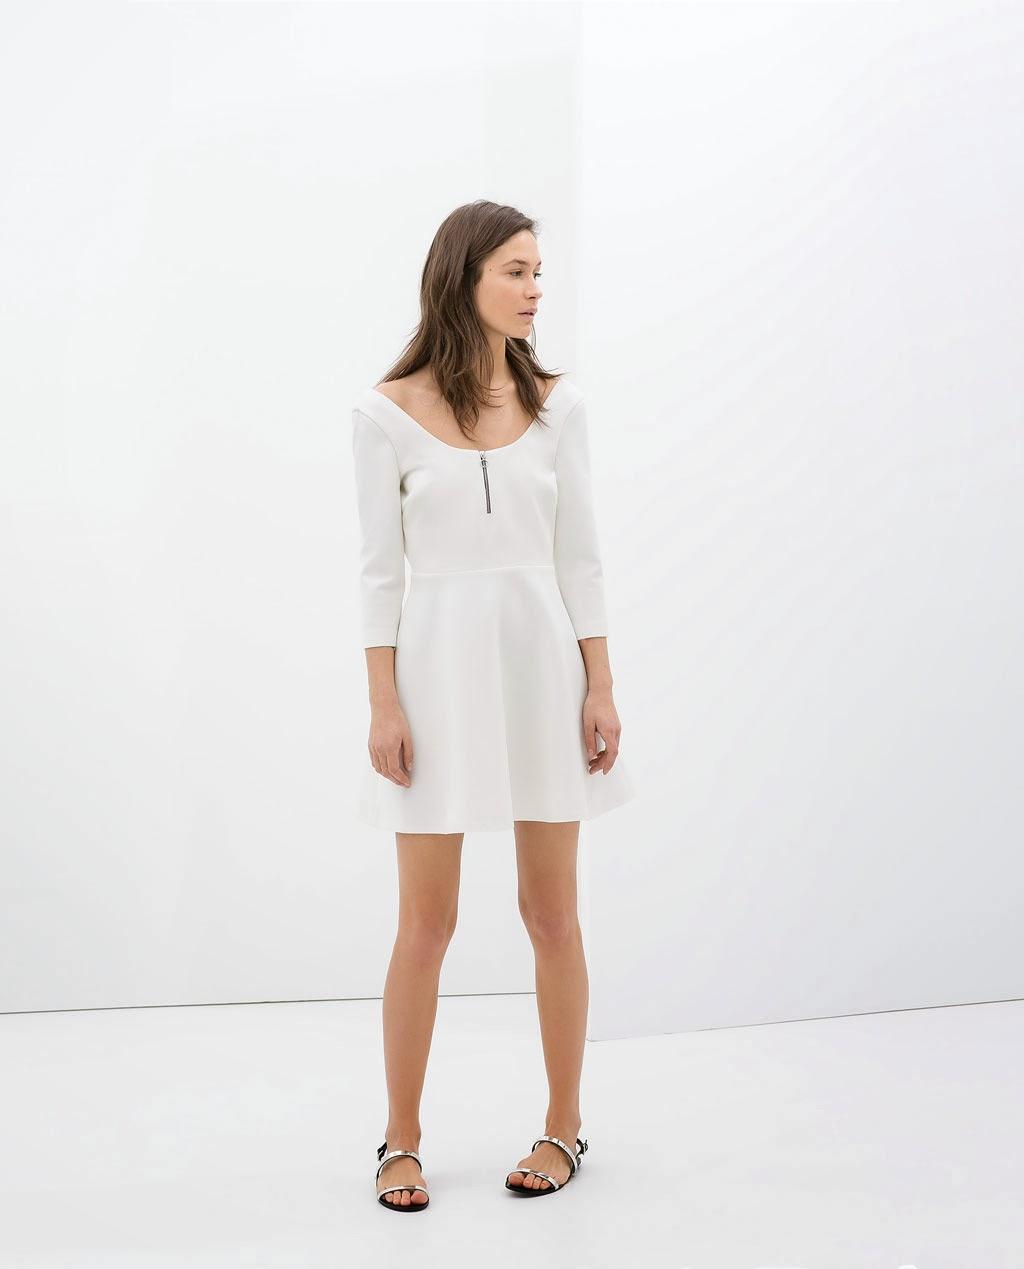 beyaz elbise, kayık yaka elbise, kısa elbise